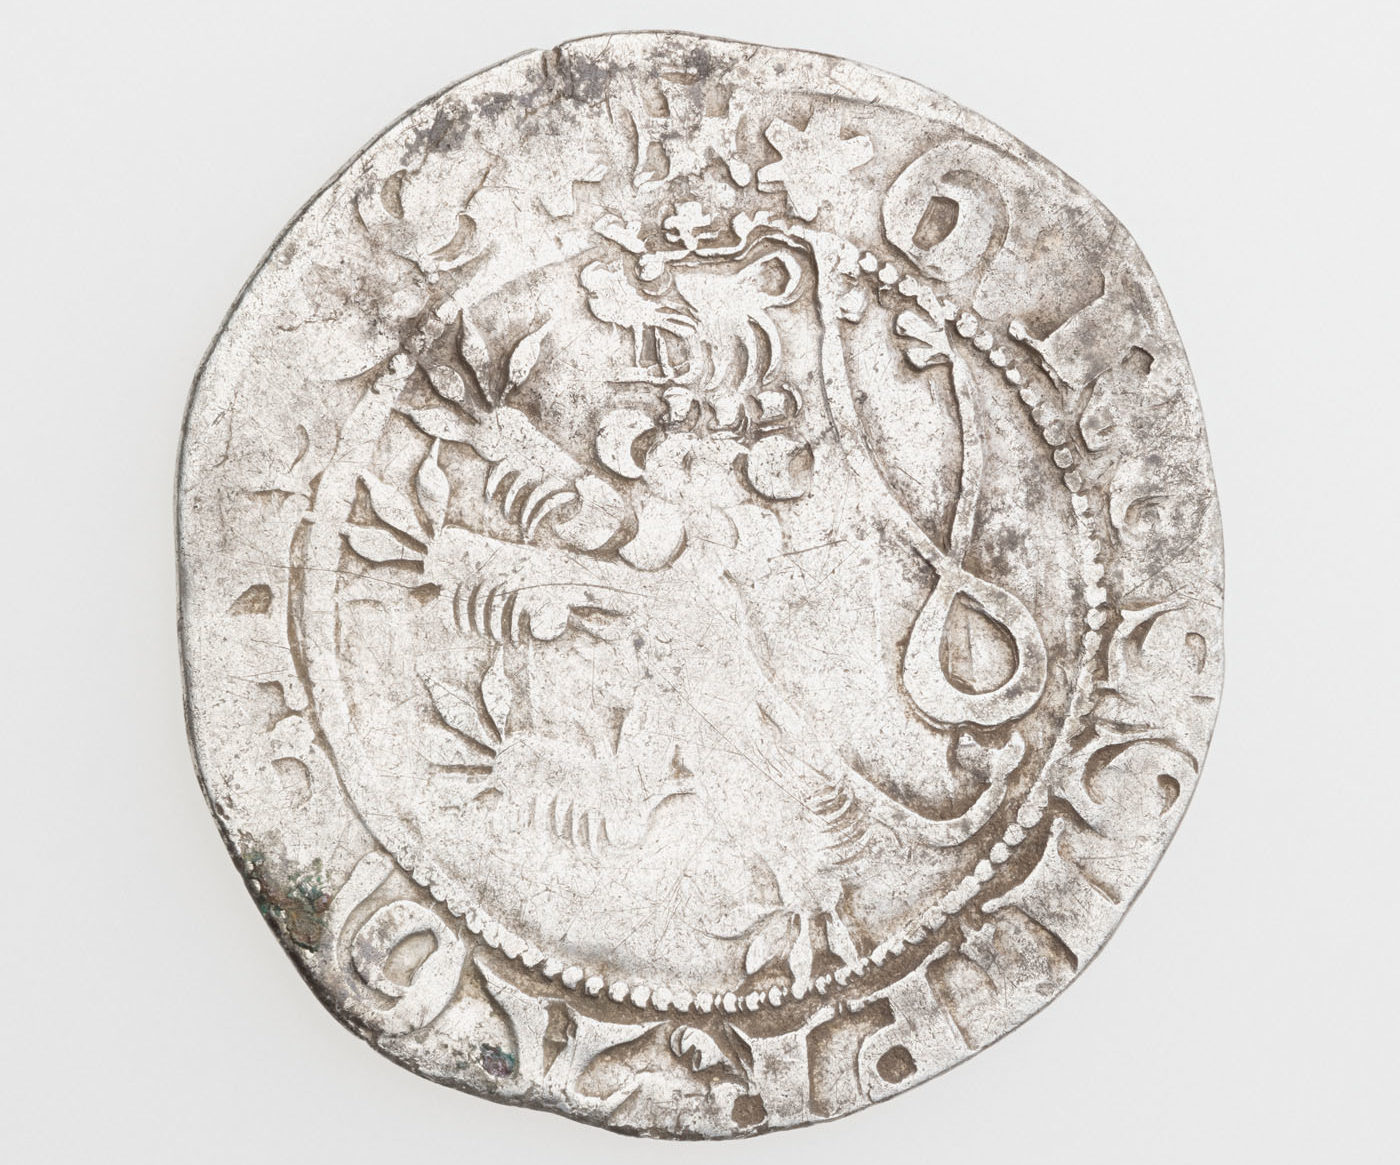 Jono I Liuksemburgiečio (1310-1346) laikų Prahos grašis - seniausia lobio moneta | LNM, G. Trečioko nuotr.